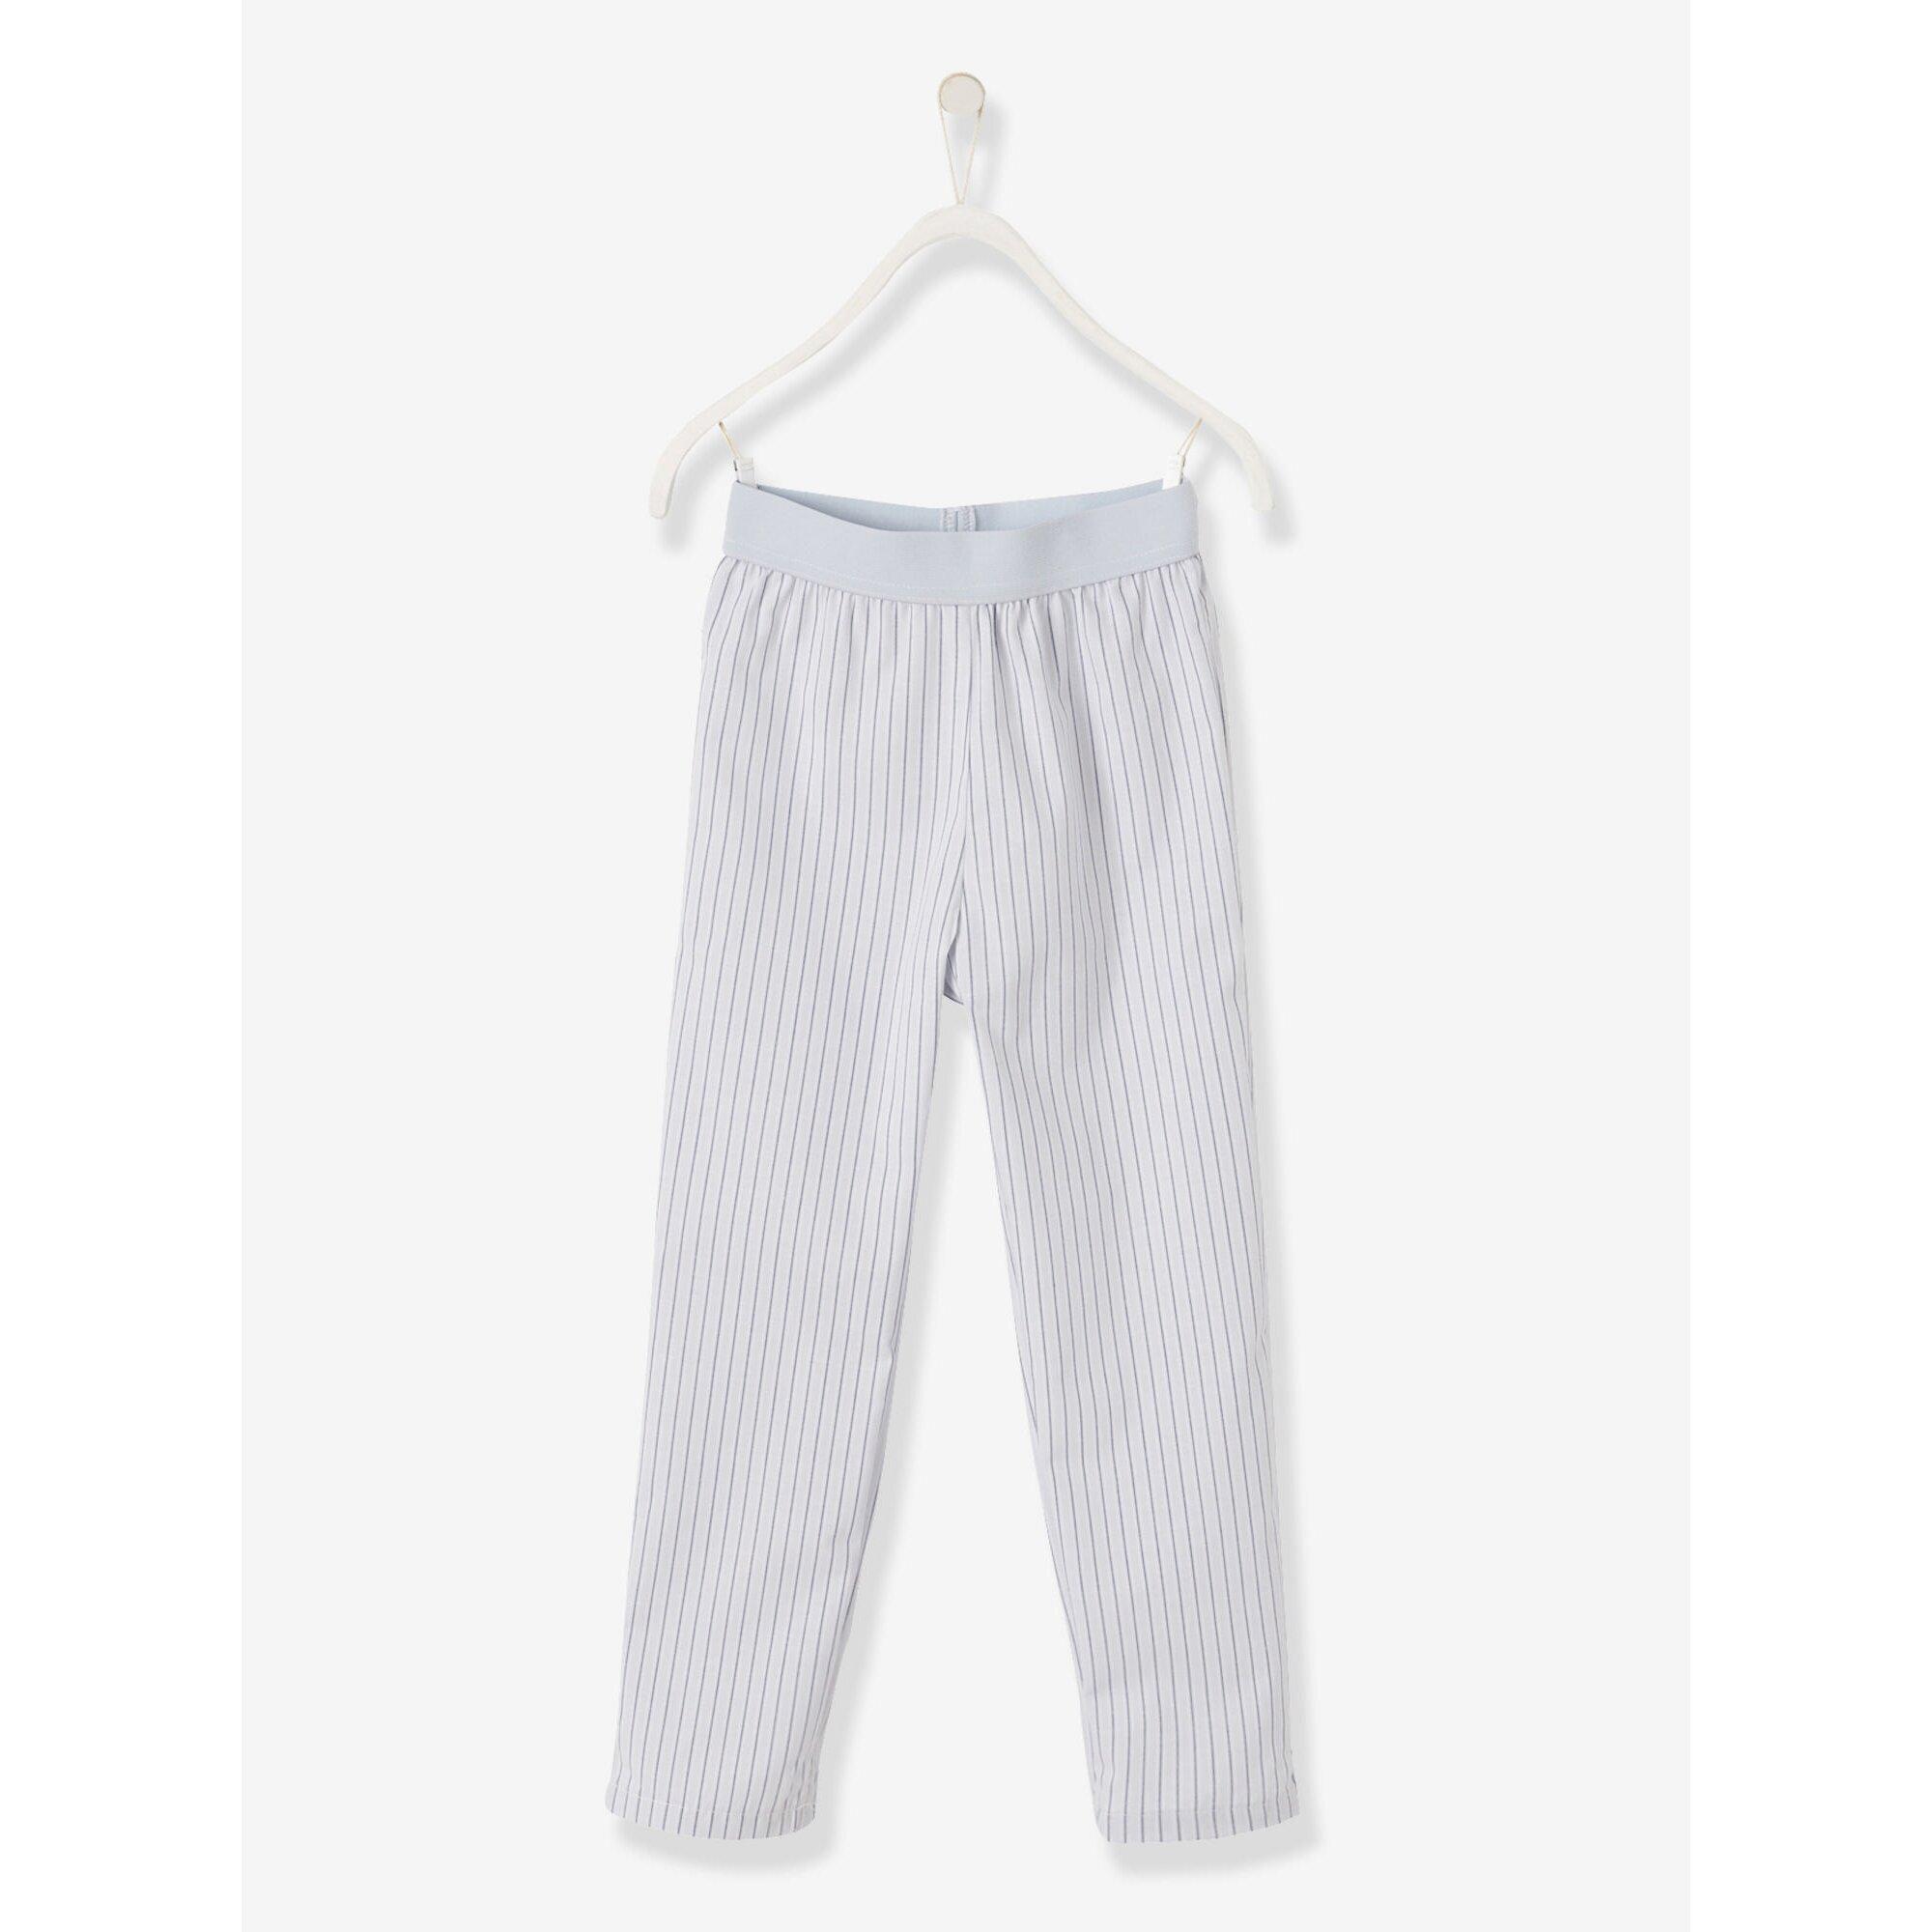 Vertbaudet Jungen-Schlafanzug, Materialmix